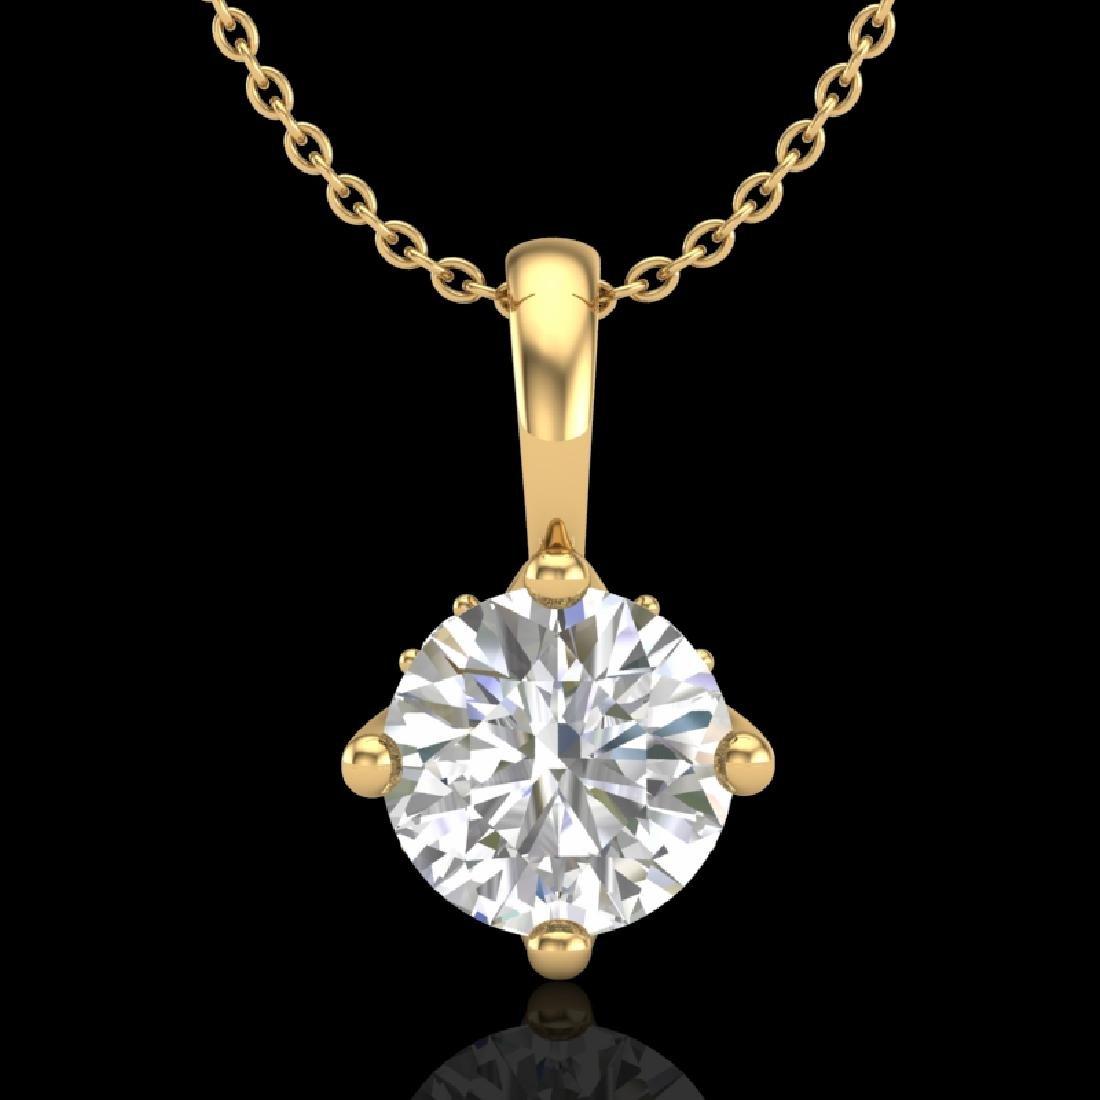 0.82 CTW VS/SI Diamond Solitaire Art Deco Necklace 18K